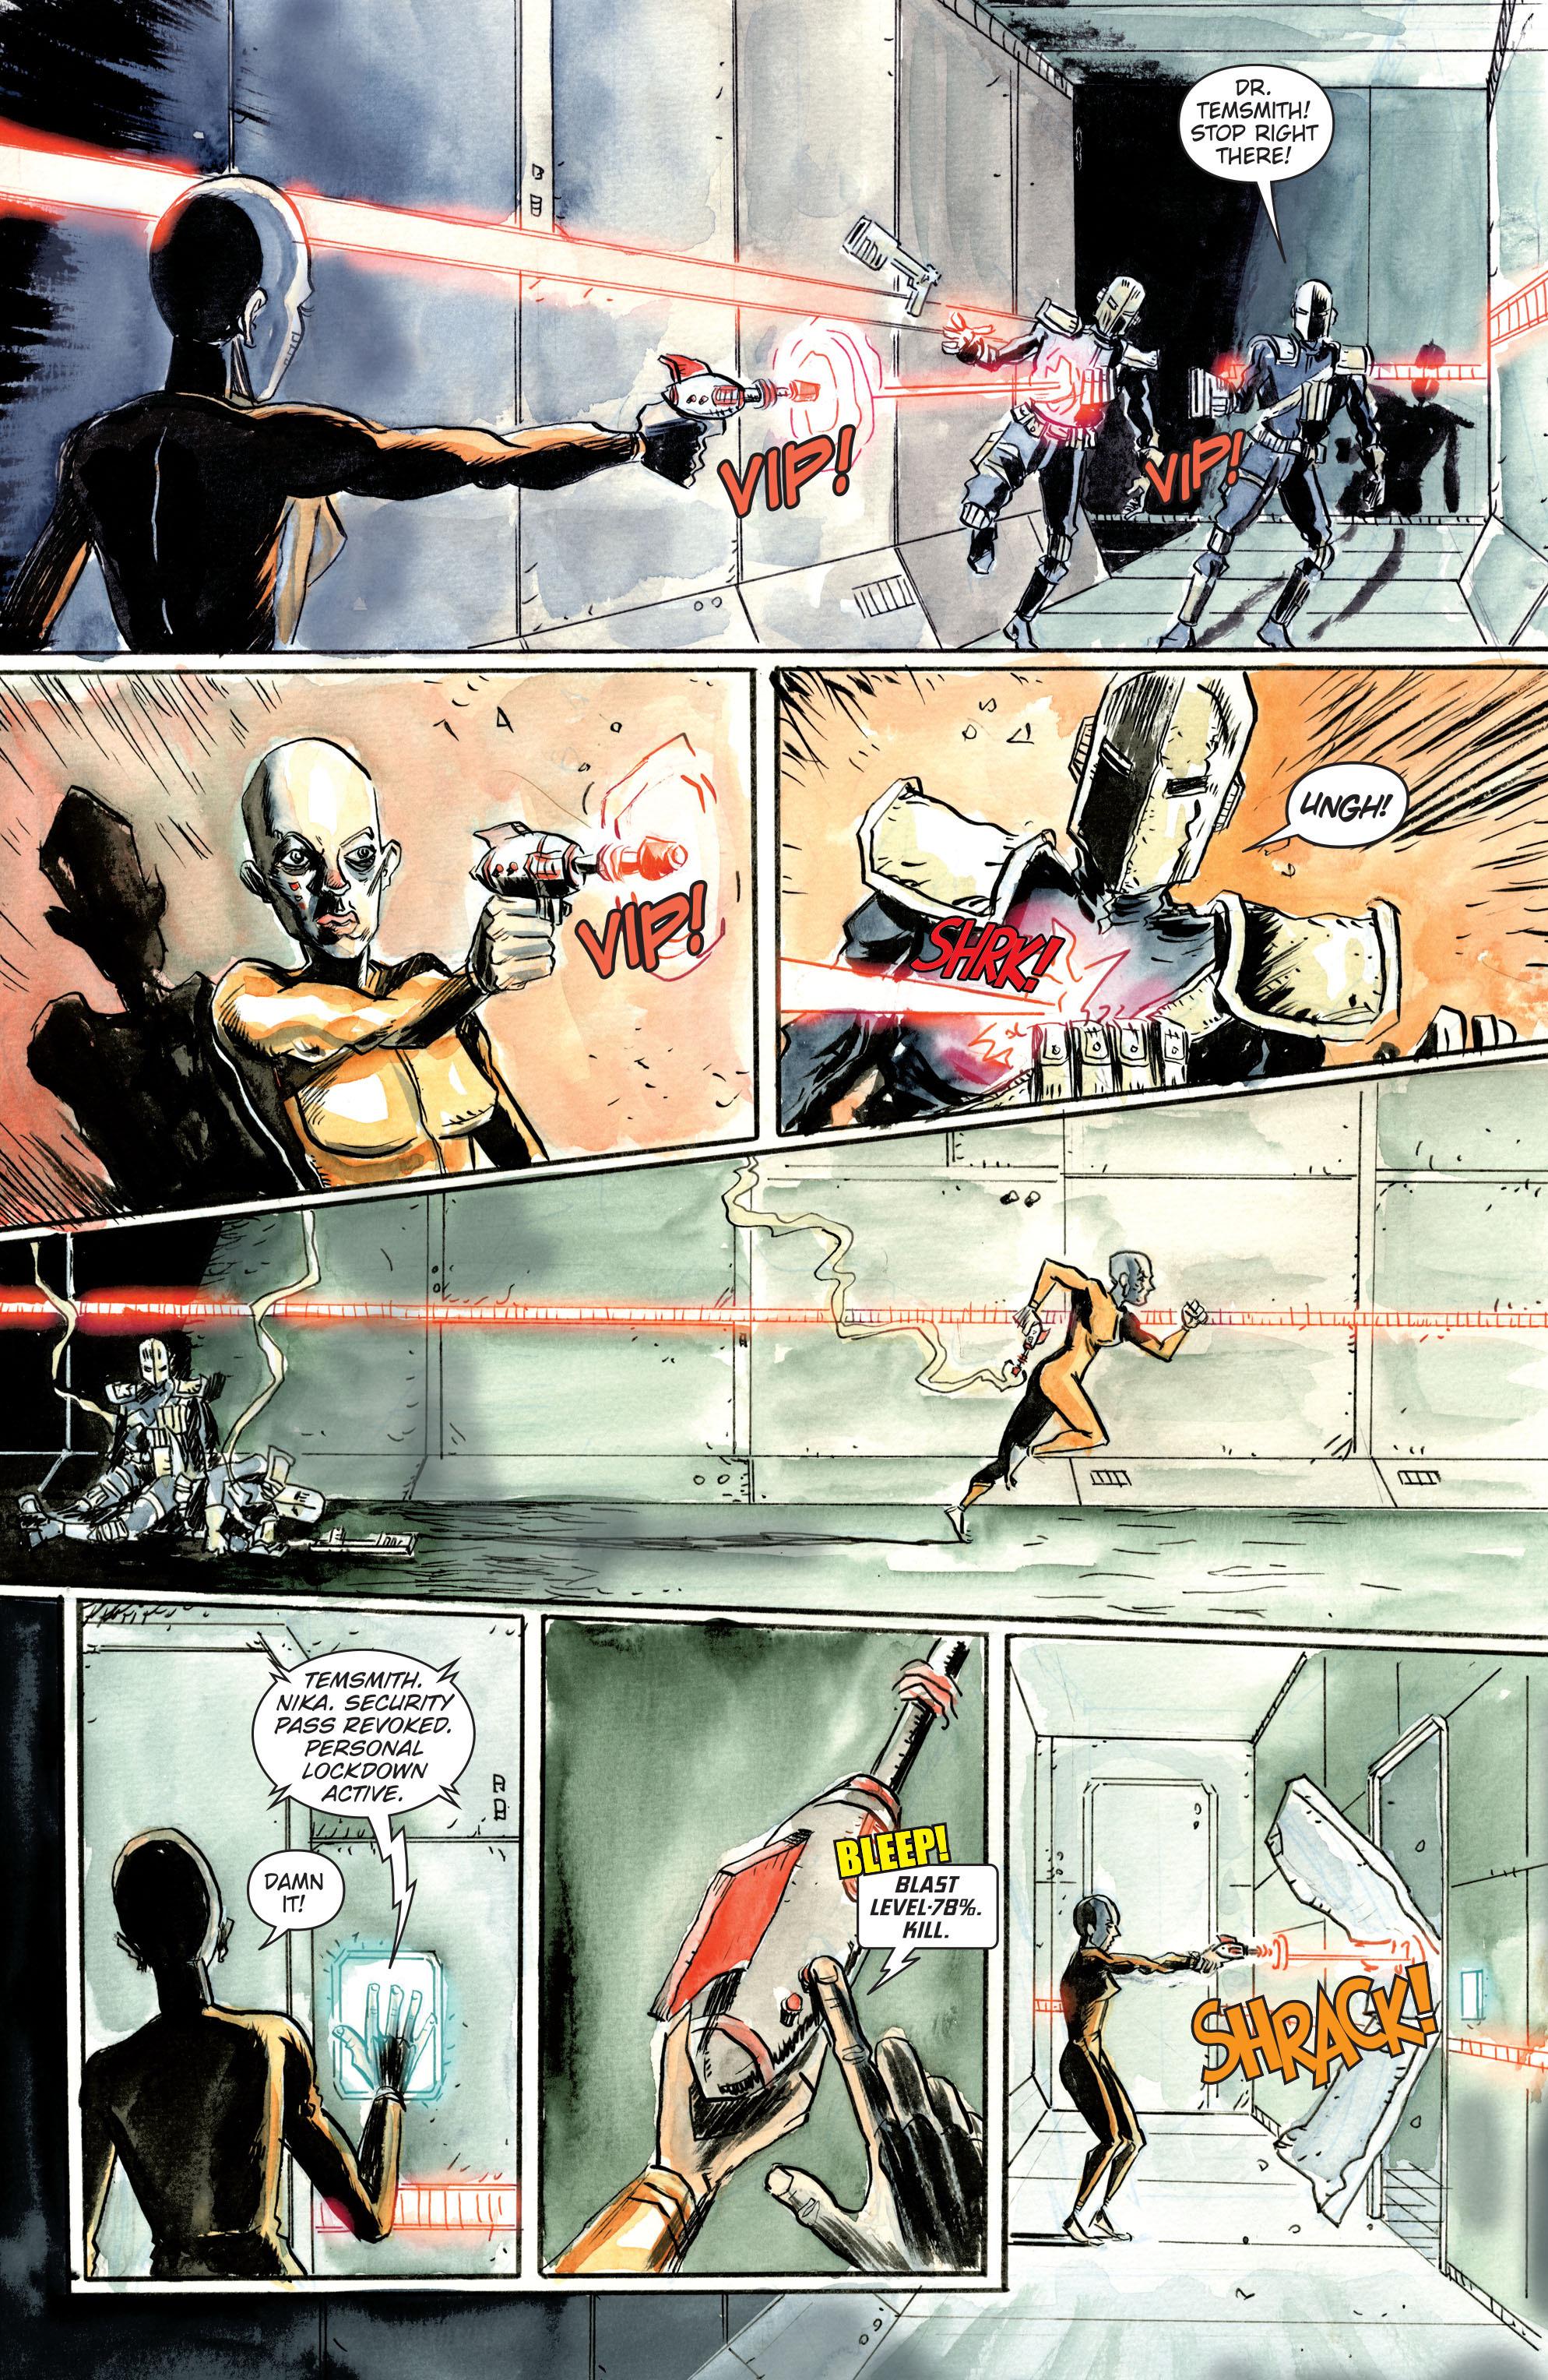 Read online Trillium comic -  Issue # TPB - 65